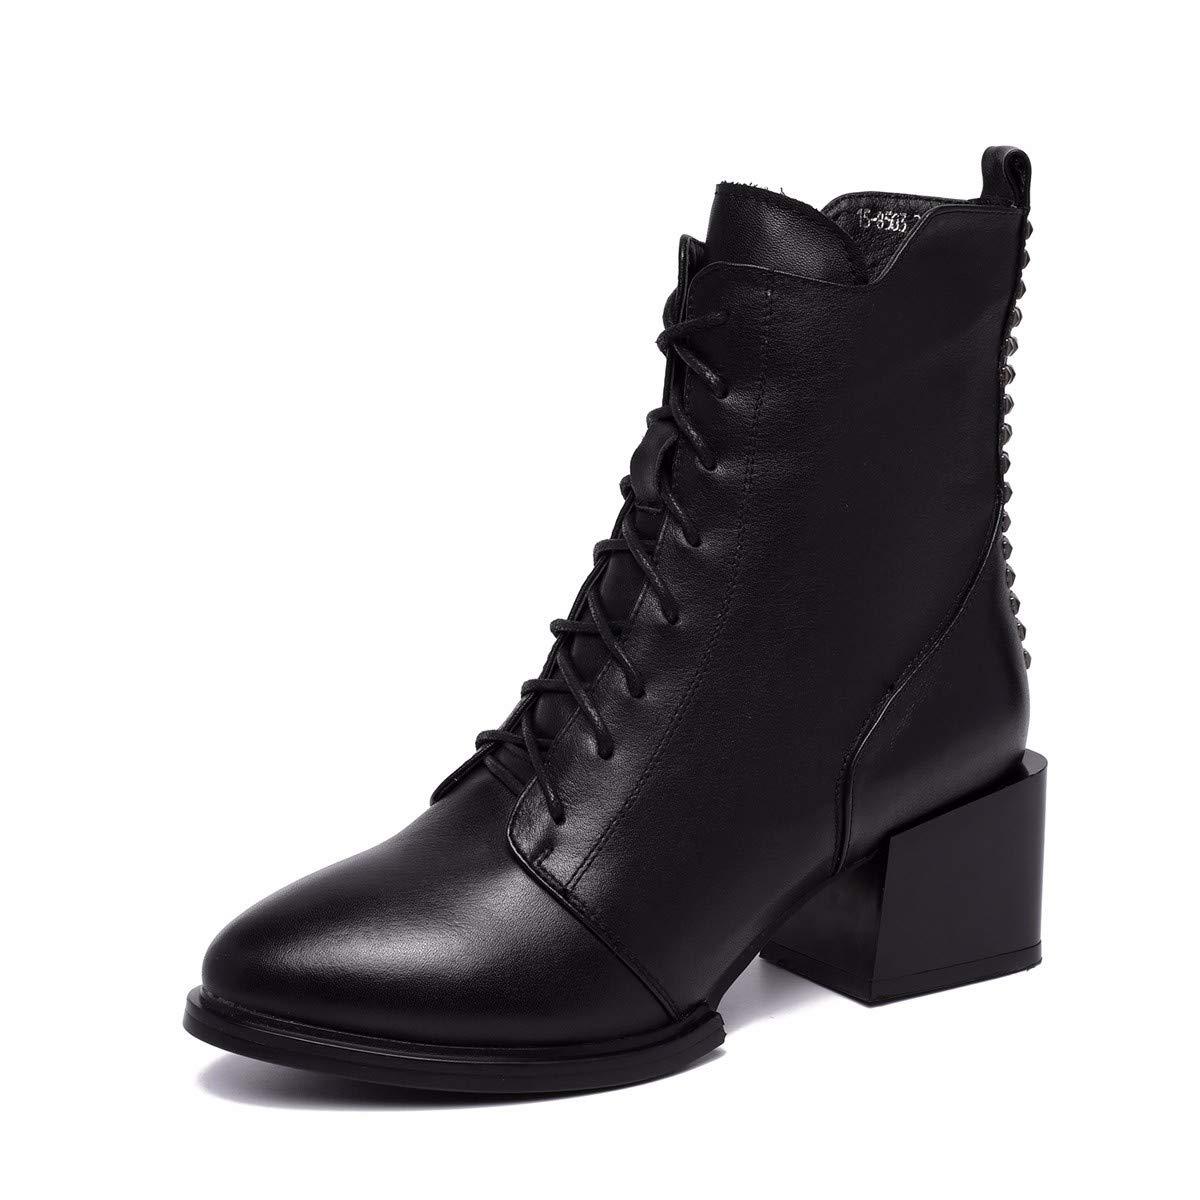 HBDLH Retro Damenschuhe Retro HBDLH Martin Stiefel Heel 6 cm Dicke Sohle Sagte Velveted Stiefel Mid - Fass Kurze Stiefel 1aee7b